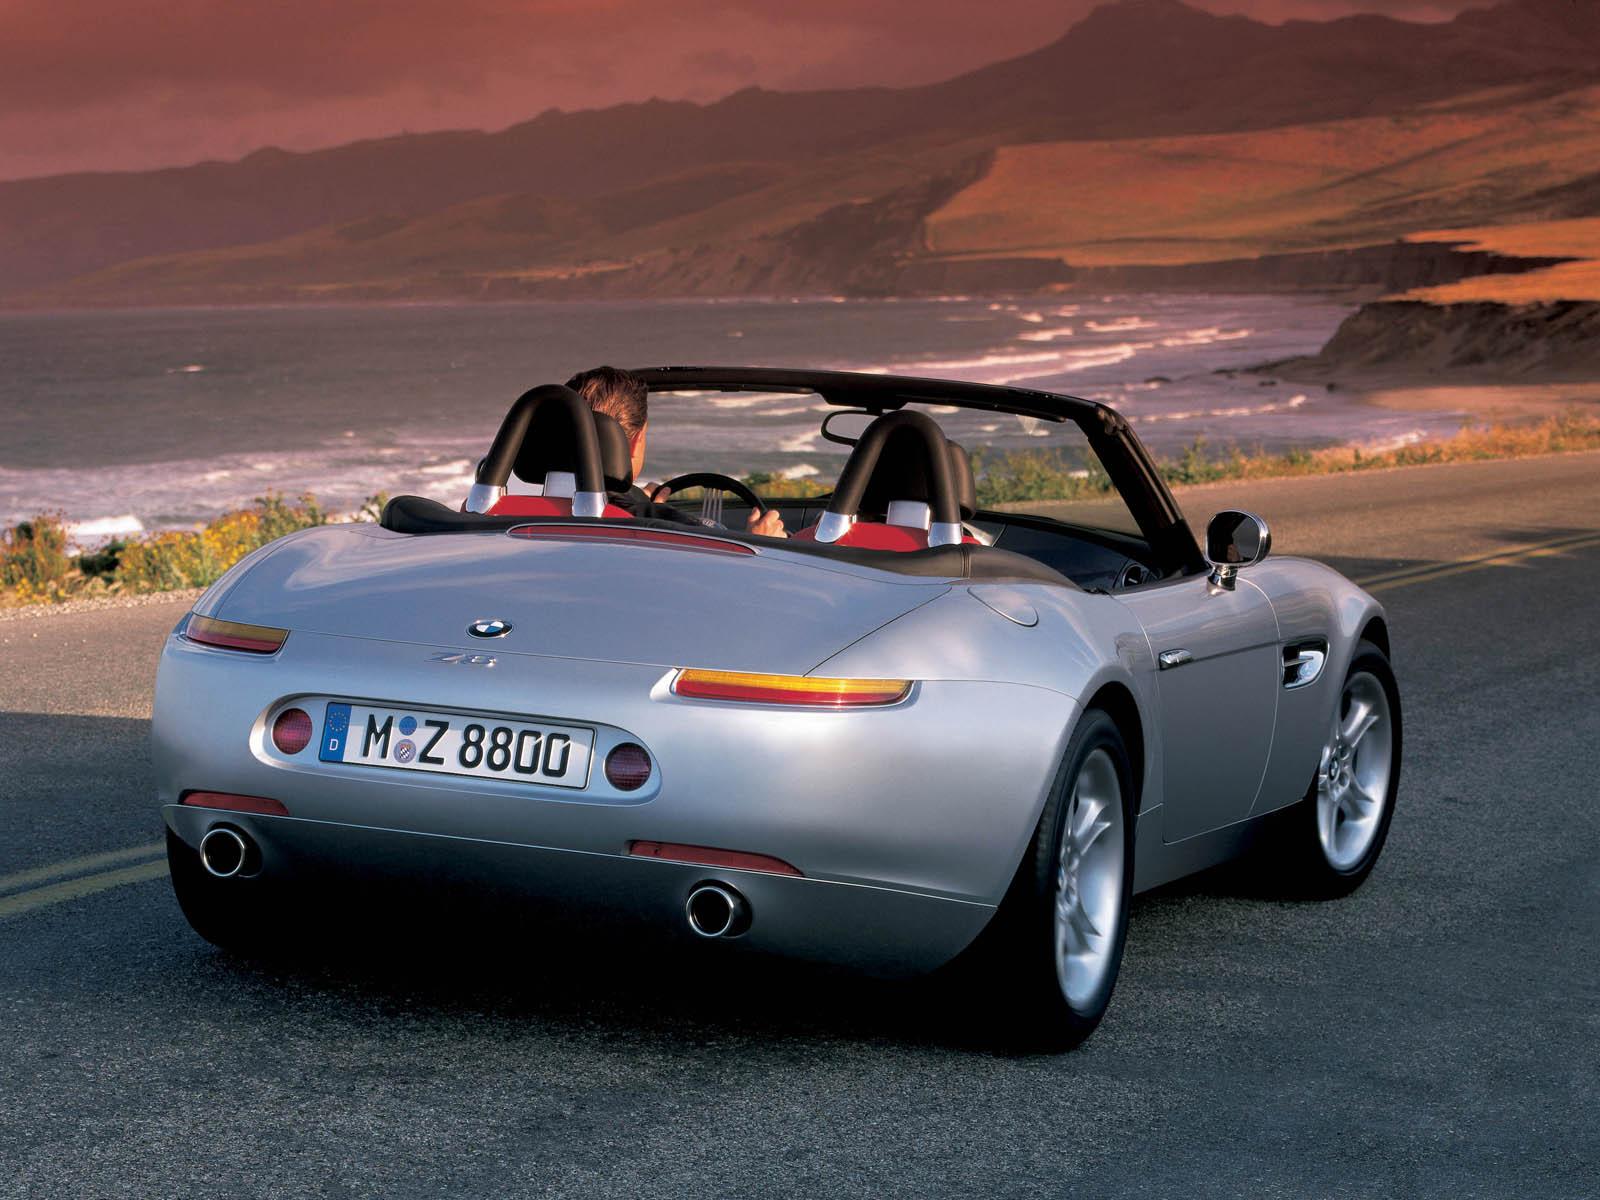 BMW-Z8_mp2_pic_9978